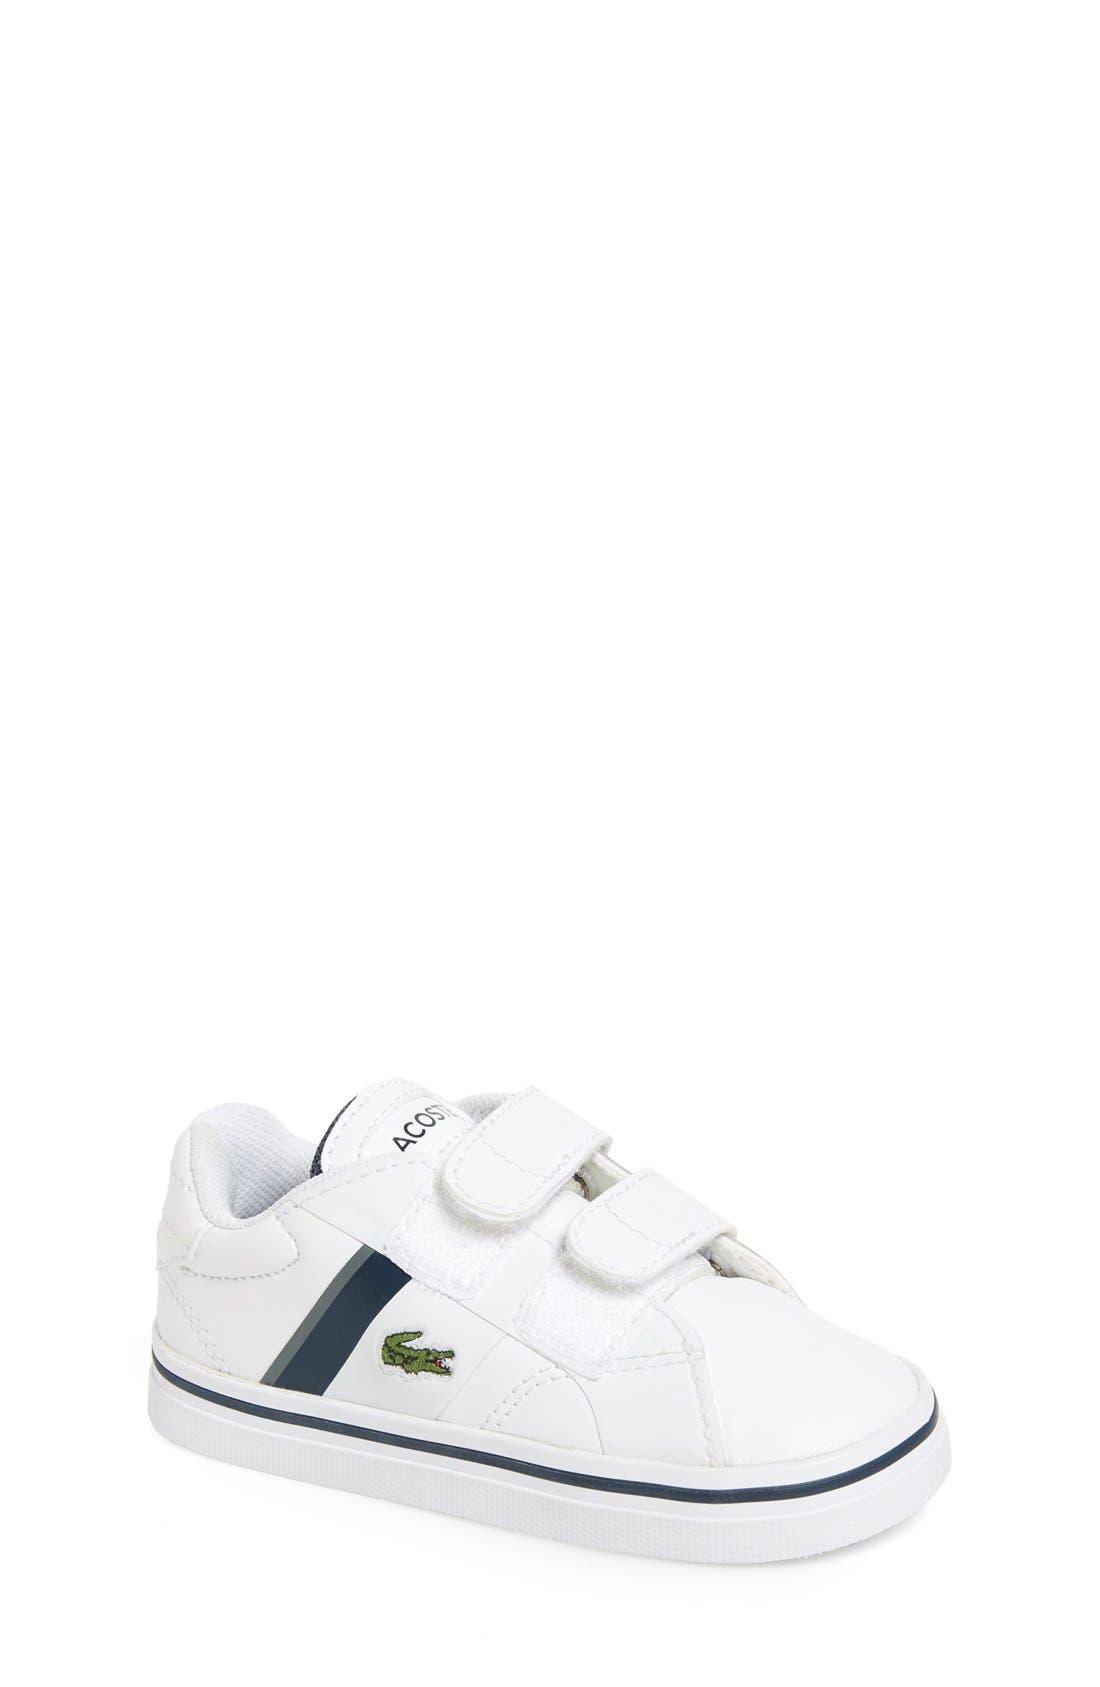 Lacoste 'Fairlead' Sneaker (Baby, Walker & Toddler)